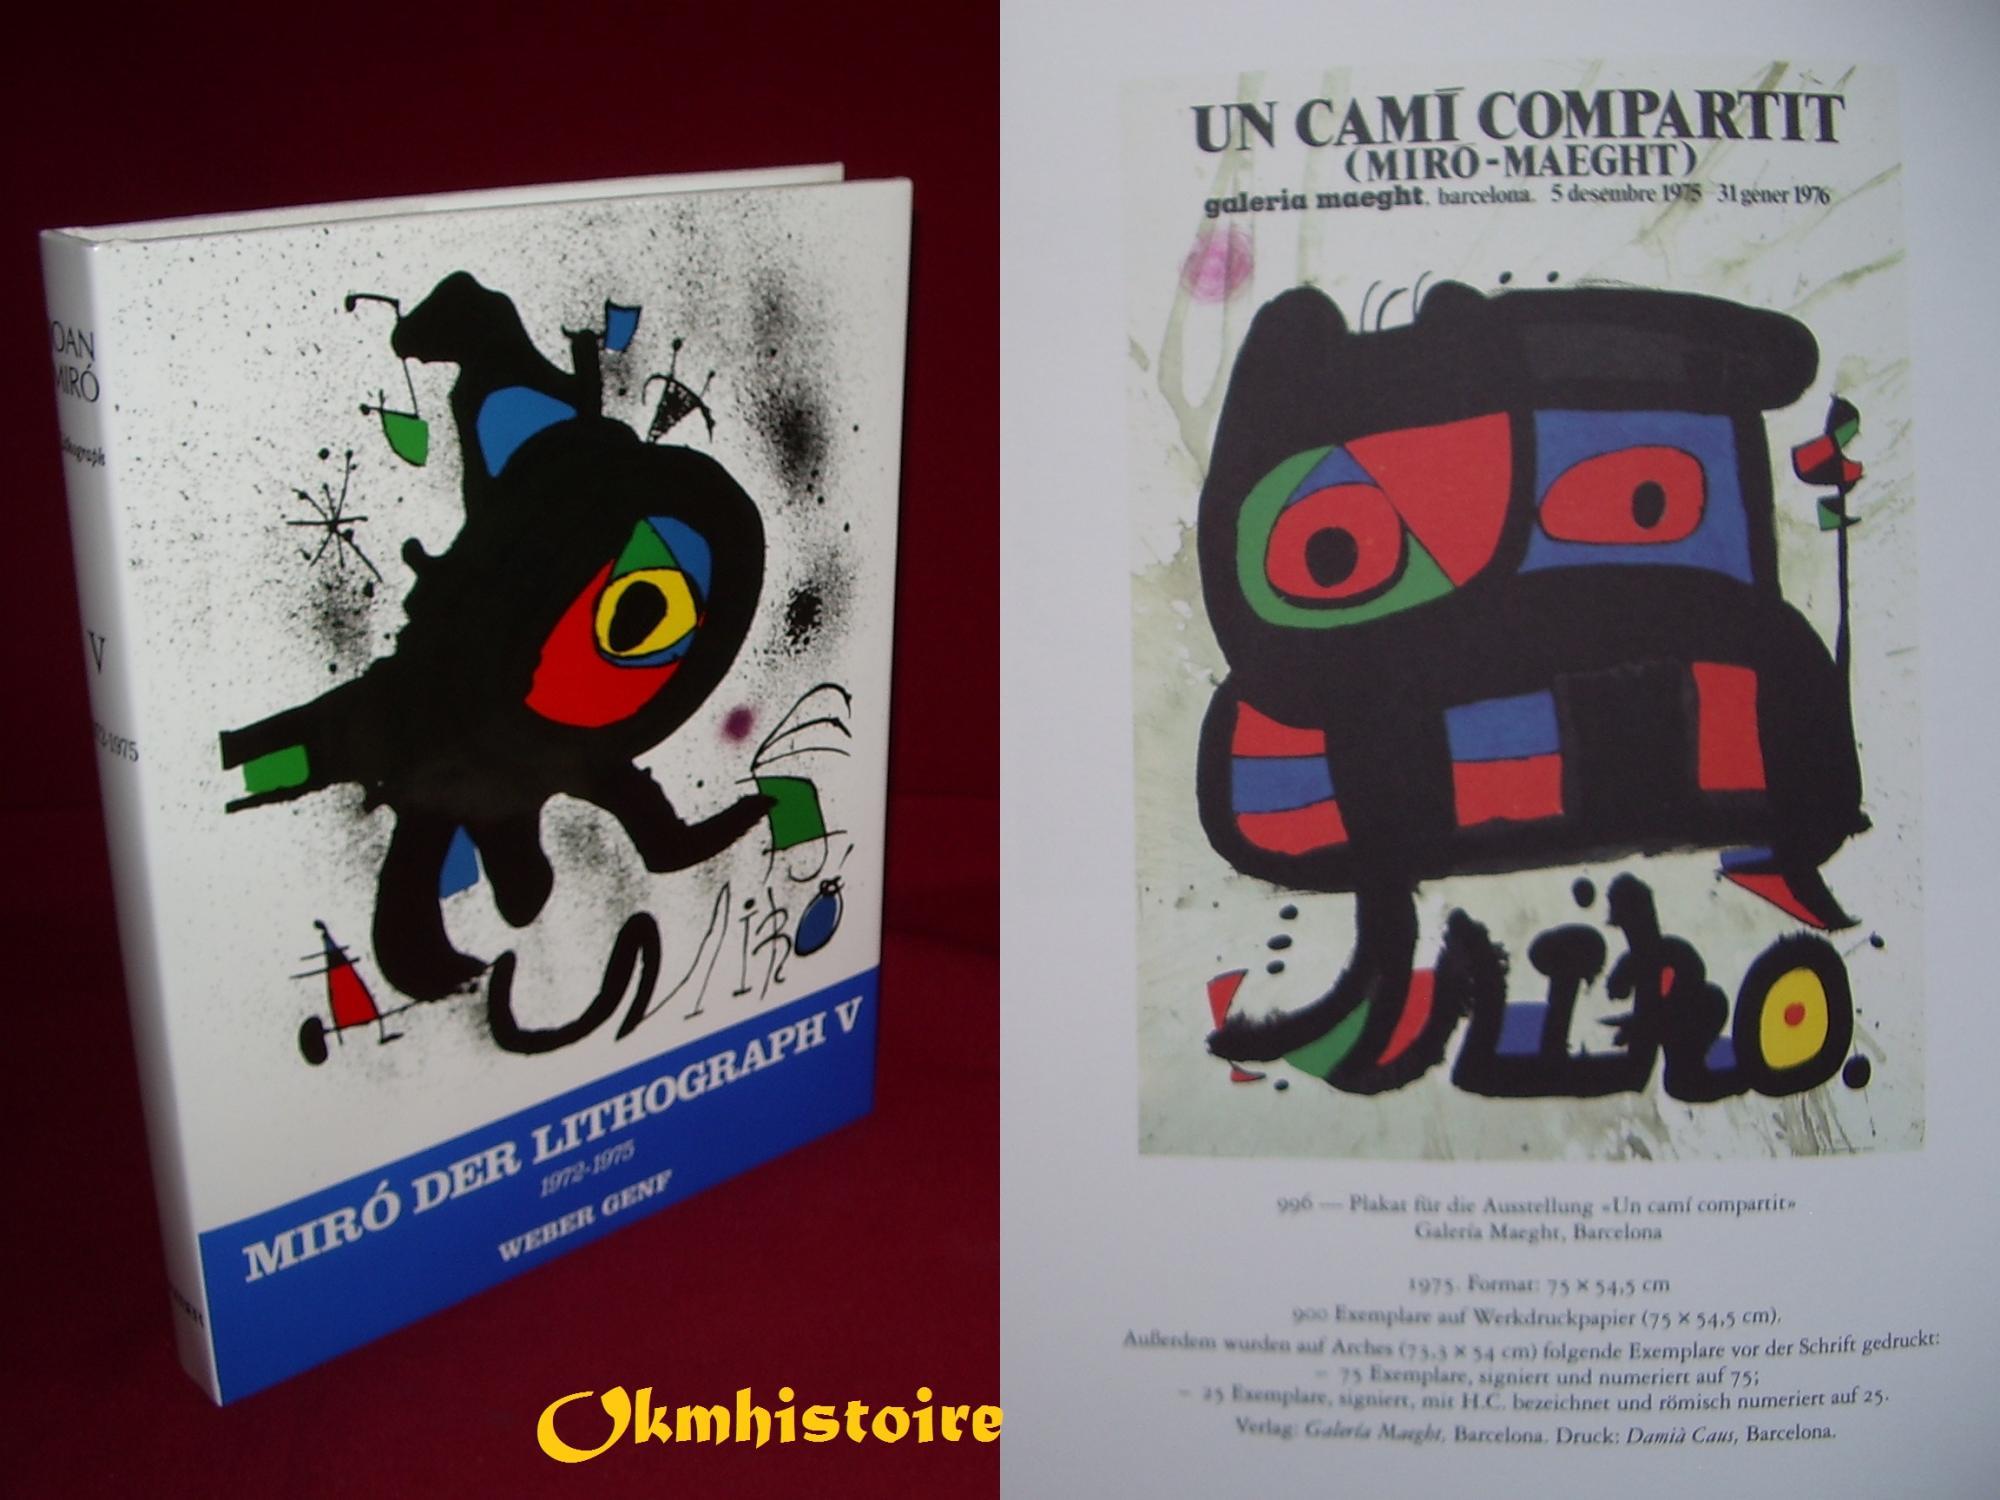 MIRÓ DER LITHOGRAPH [ JOAN MIRÓ Lithographe ] ---------- TOME 5 : 1972- 1975 [ Catalogue Raisonné, ] ----------- [ DEUTSCH TEXT ] - CALAS ( Nicolas & Elena ) [ Cramer ]